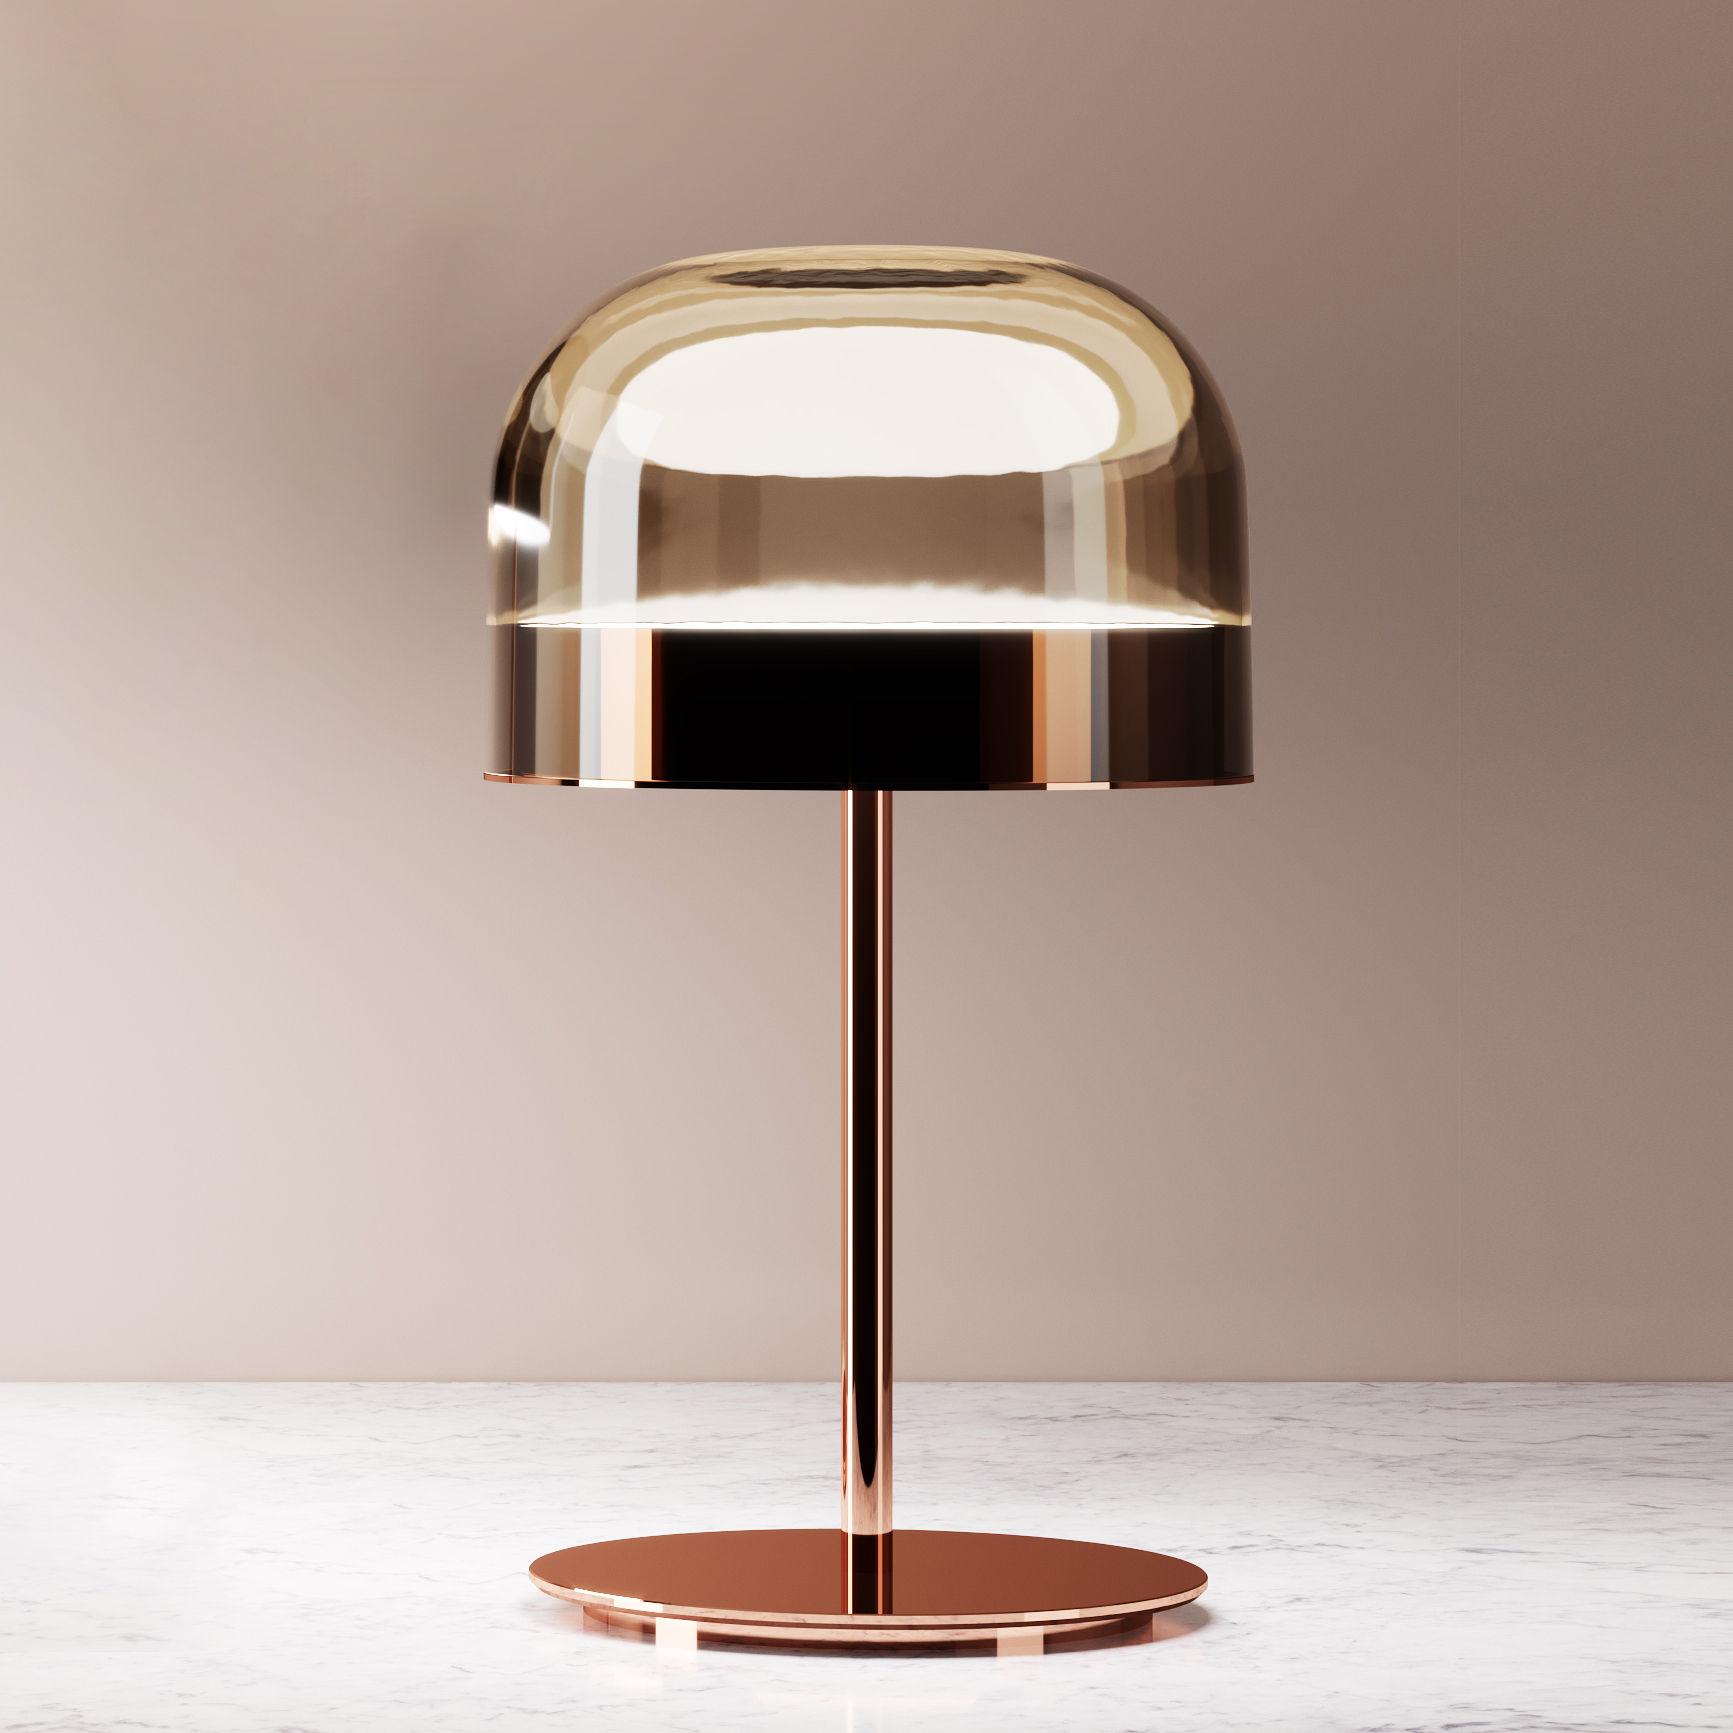 Leuchten - Tischleuchten - Equatore small Tischleuchte / LED - Glas - H 43 cm - Fontana Arte - H 43 cm / kupfer & braun - geblasenes Glas, Metall